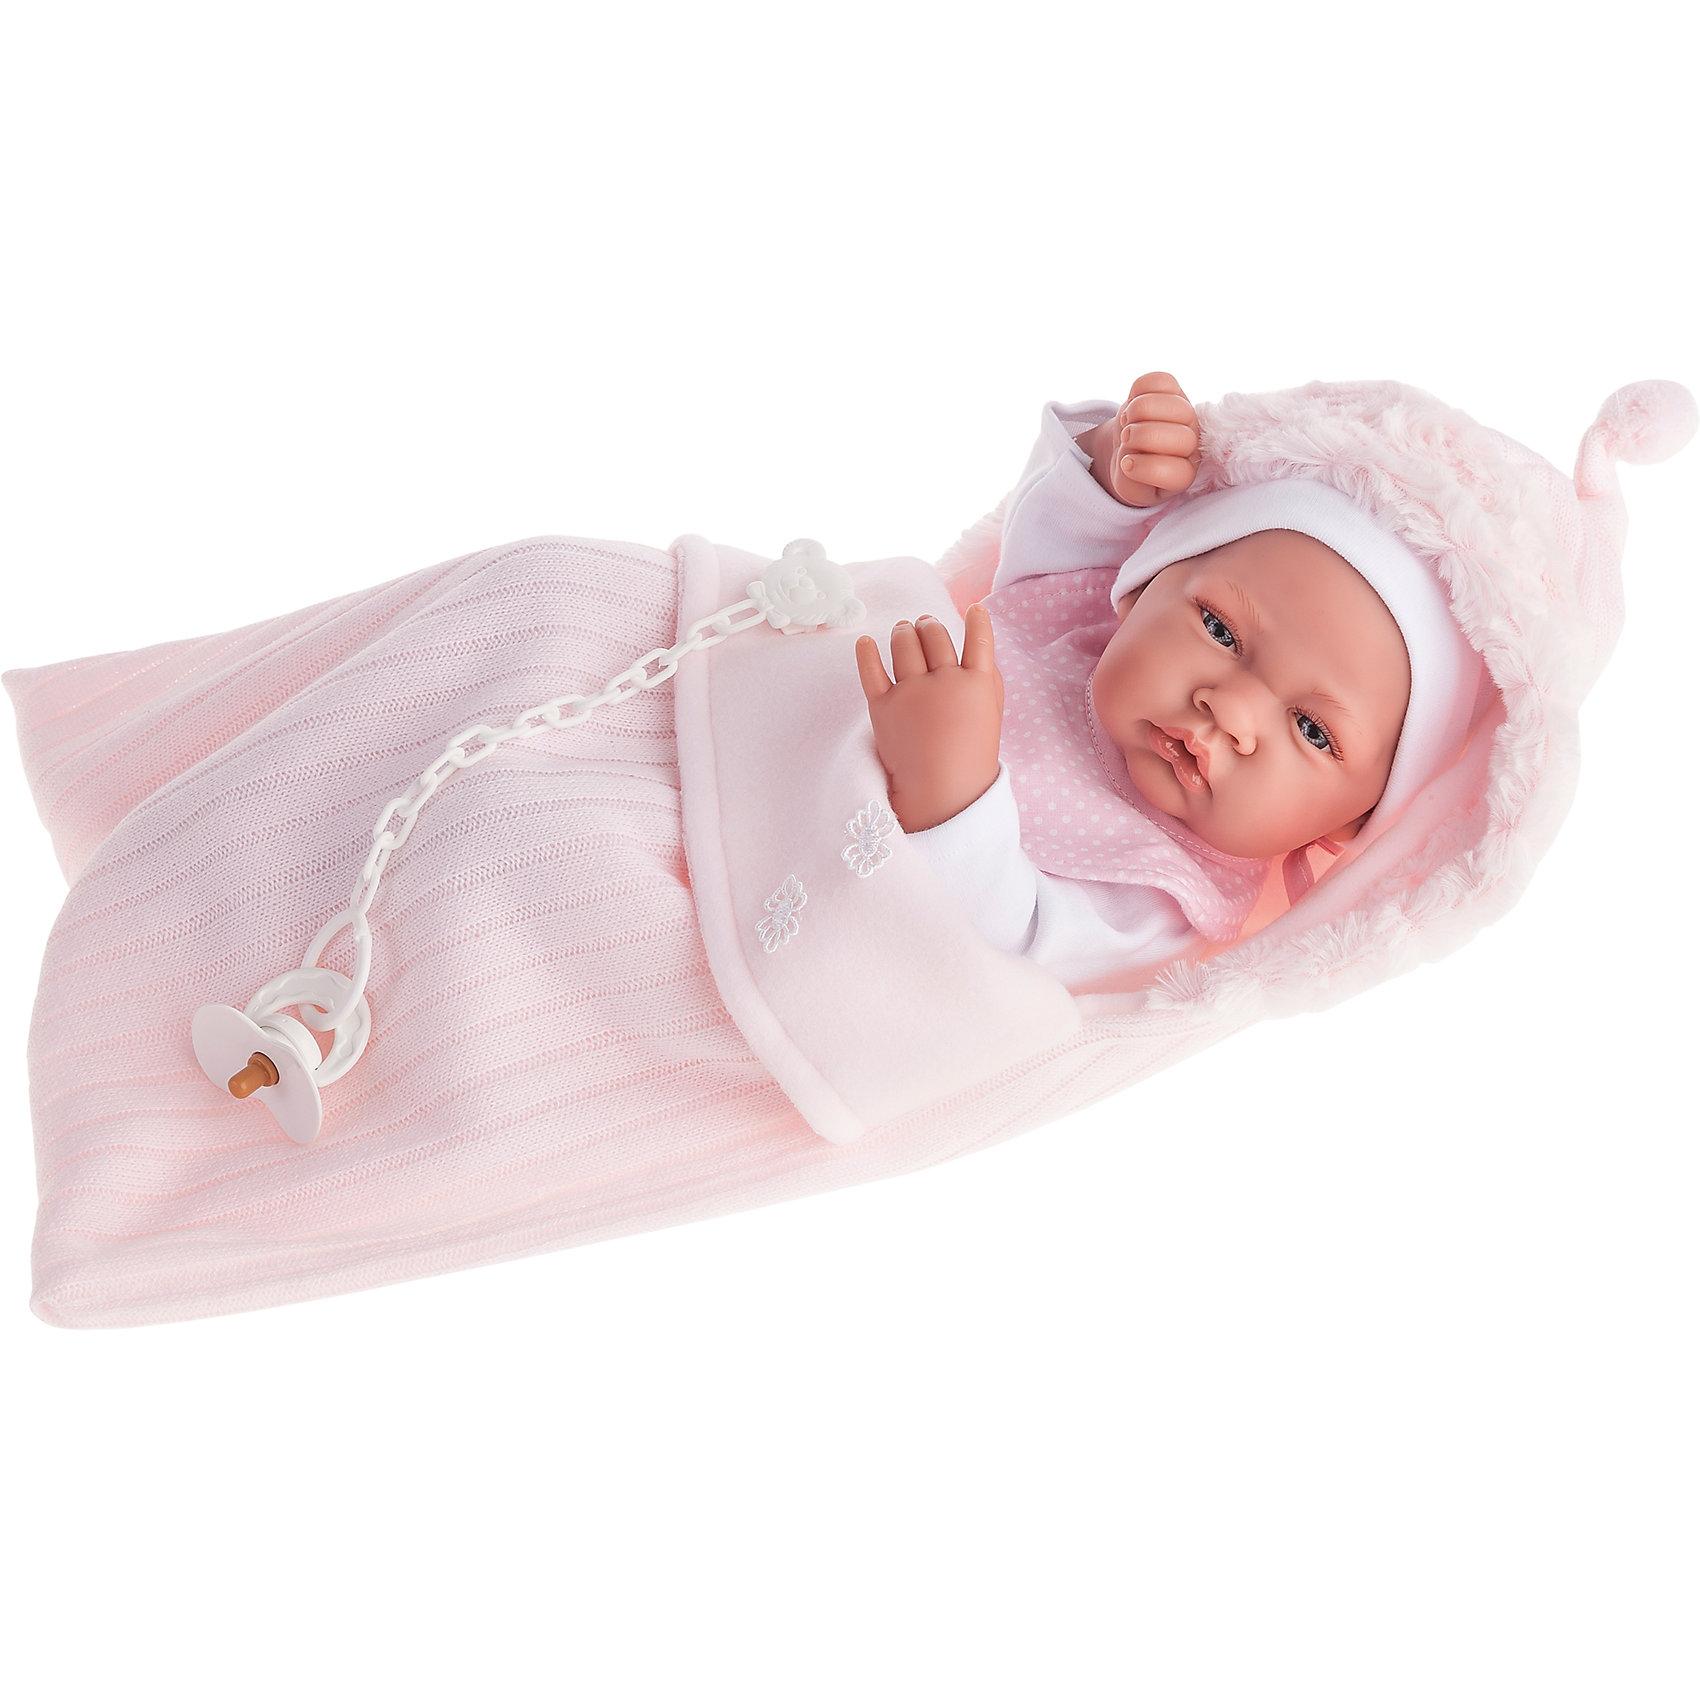 Munecas Antonio Juan Кукла-младенец девочка Сильвия, 42 см, Munecas Antonio Juan munecas antonio juan кукла младенец пипо мальчик в голубом 42 см munecas antonio juan